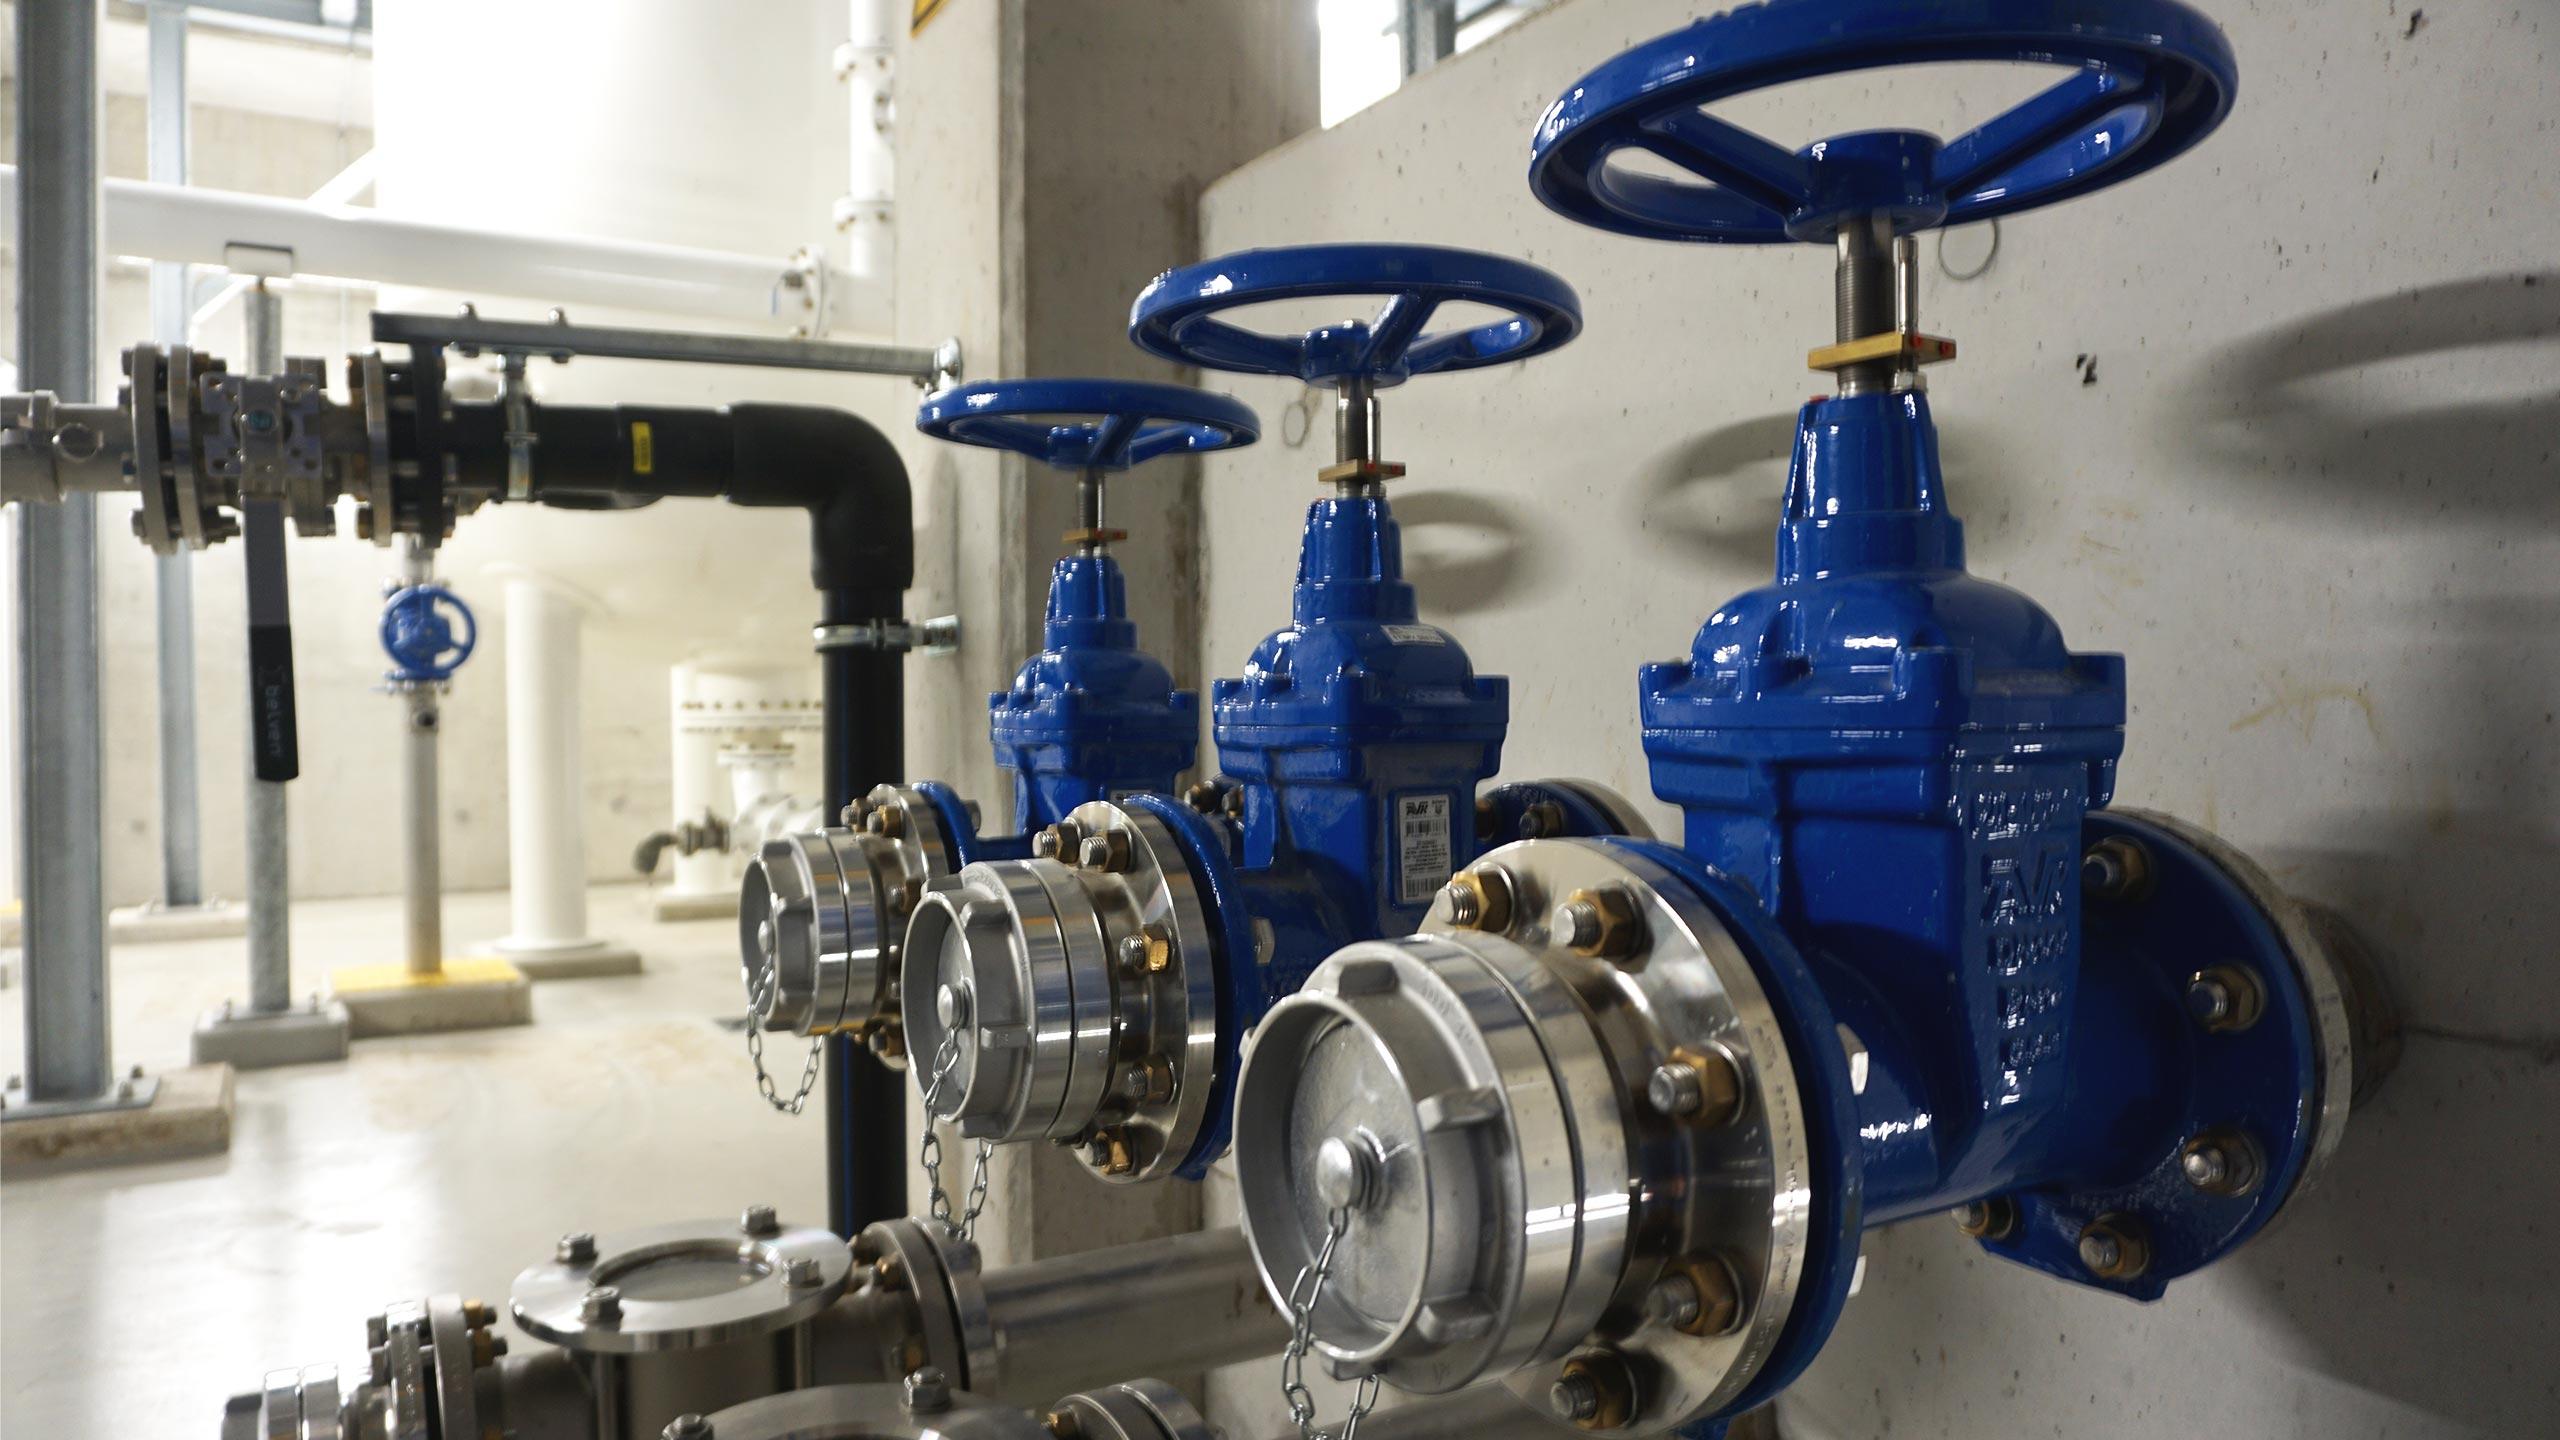 Schuifafsluiters met standaanduiding voor waterproductiecentrum Eeklo